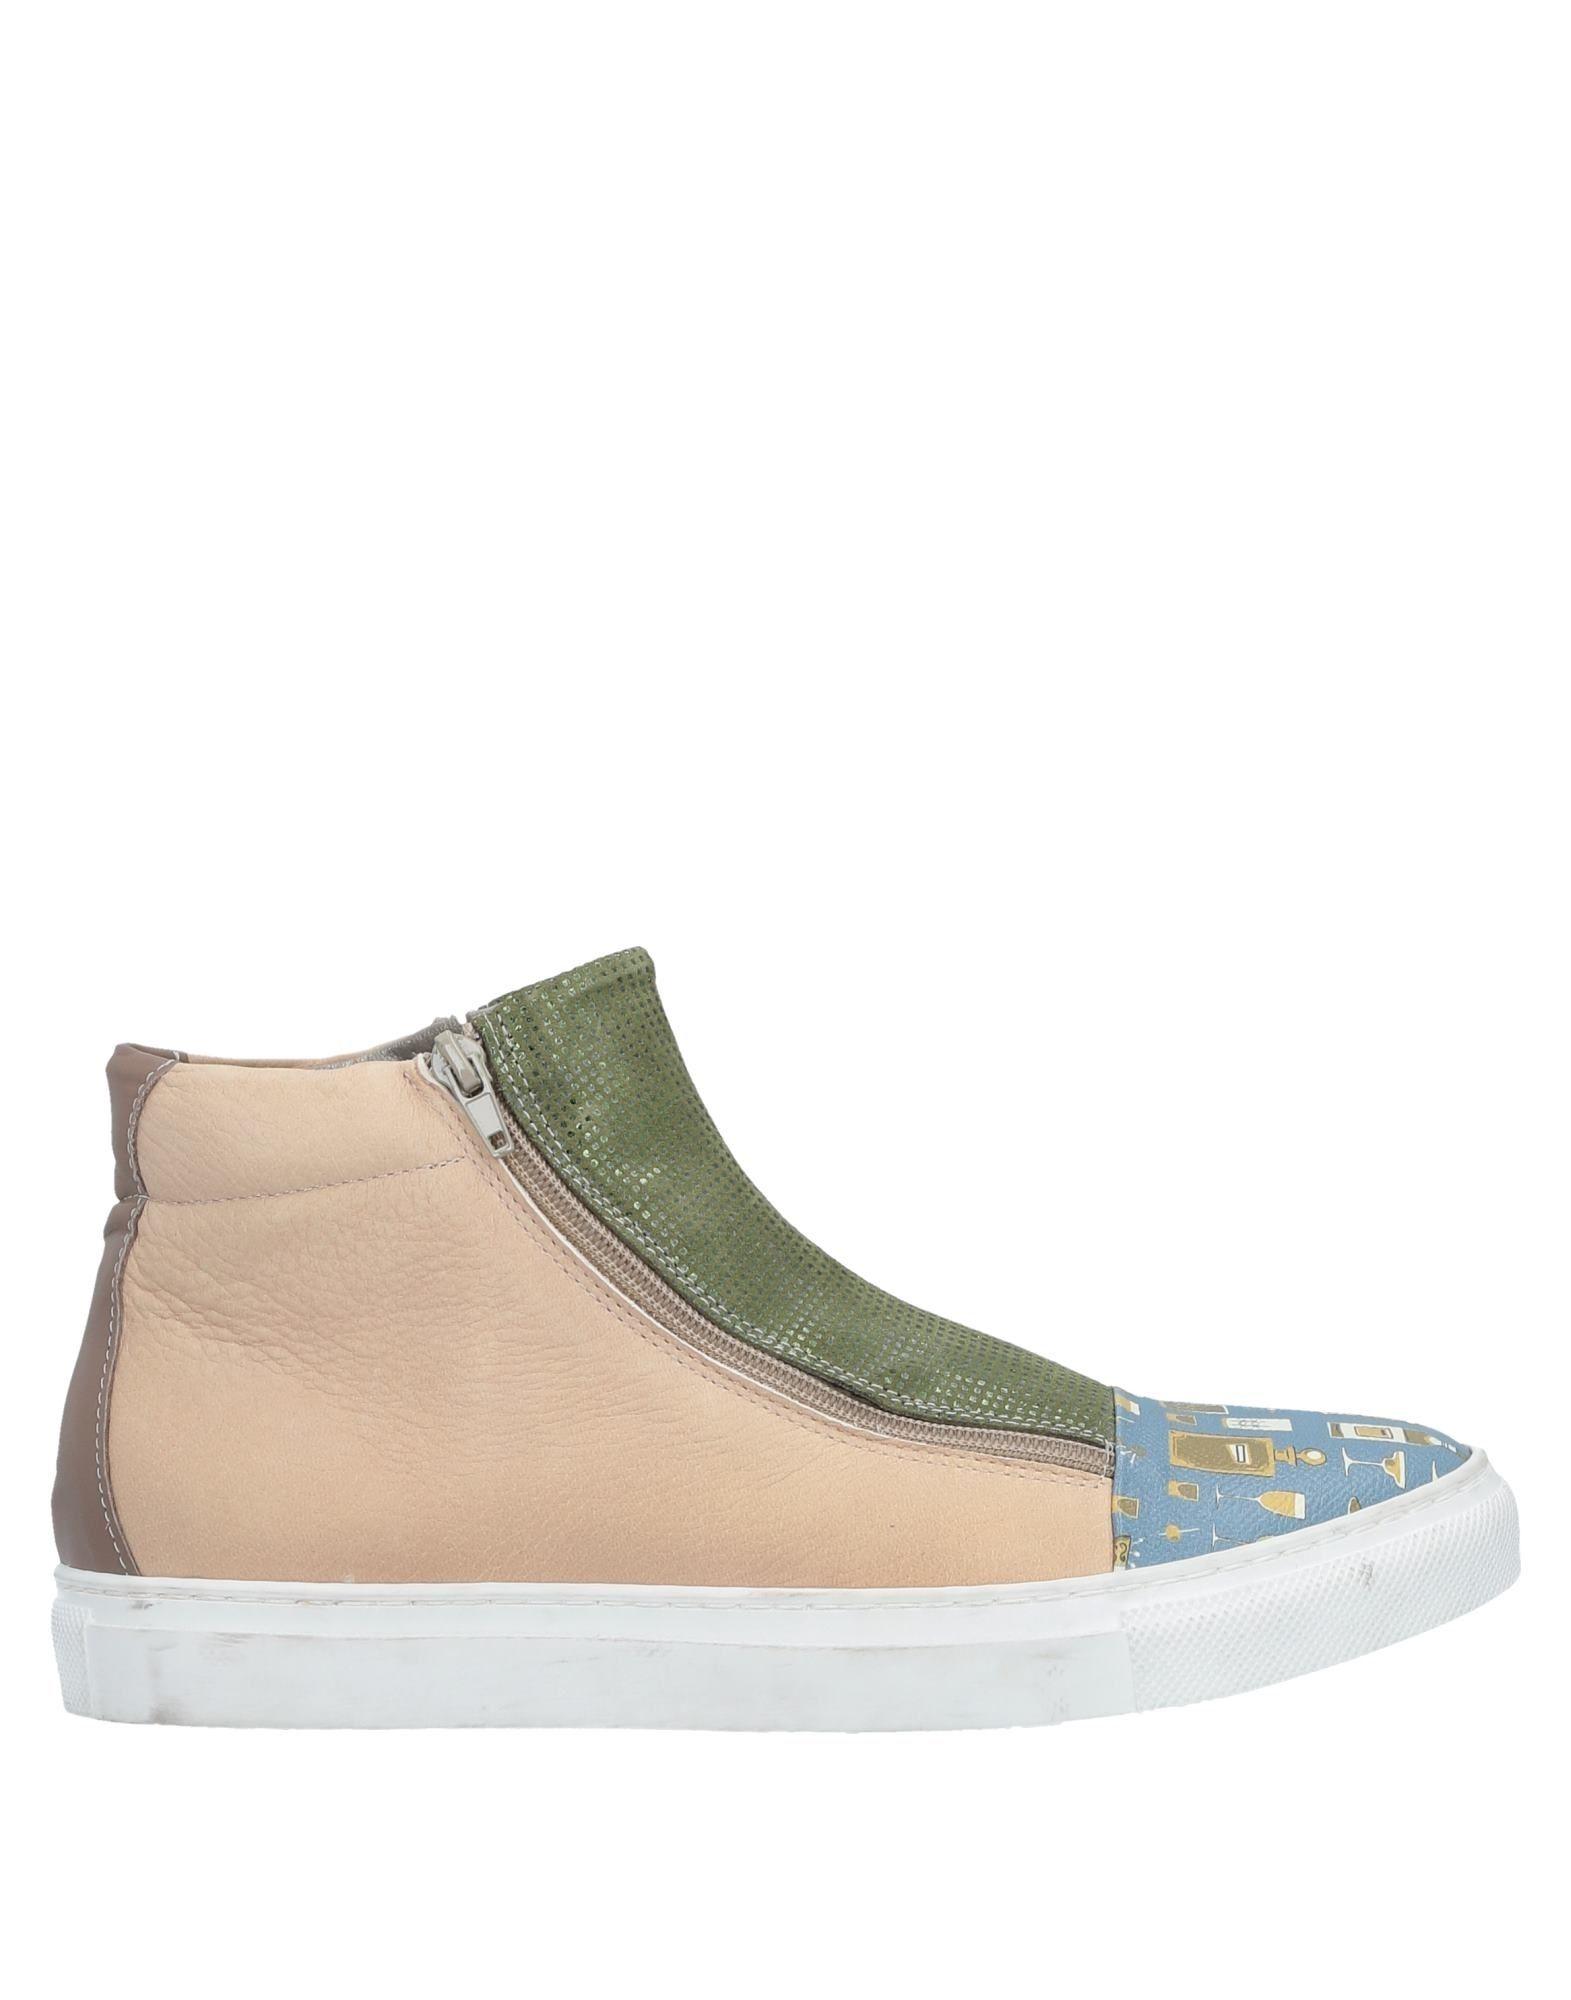 Ebarrito Gute Sneakers Damen  11516973VV Gute Ebarrito Qualität beliebte Schuhe 4c1af6